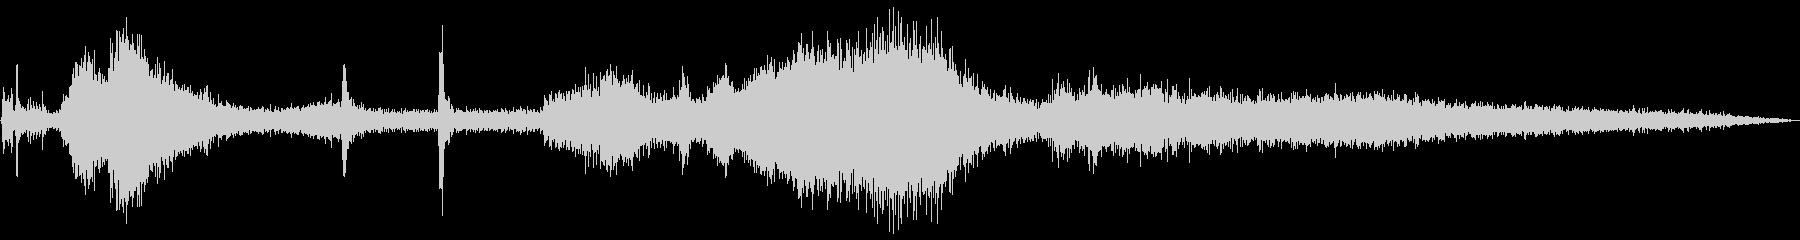 スクールバス:EXT:スタート、ギ...の未再生の波形